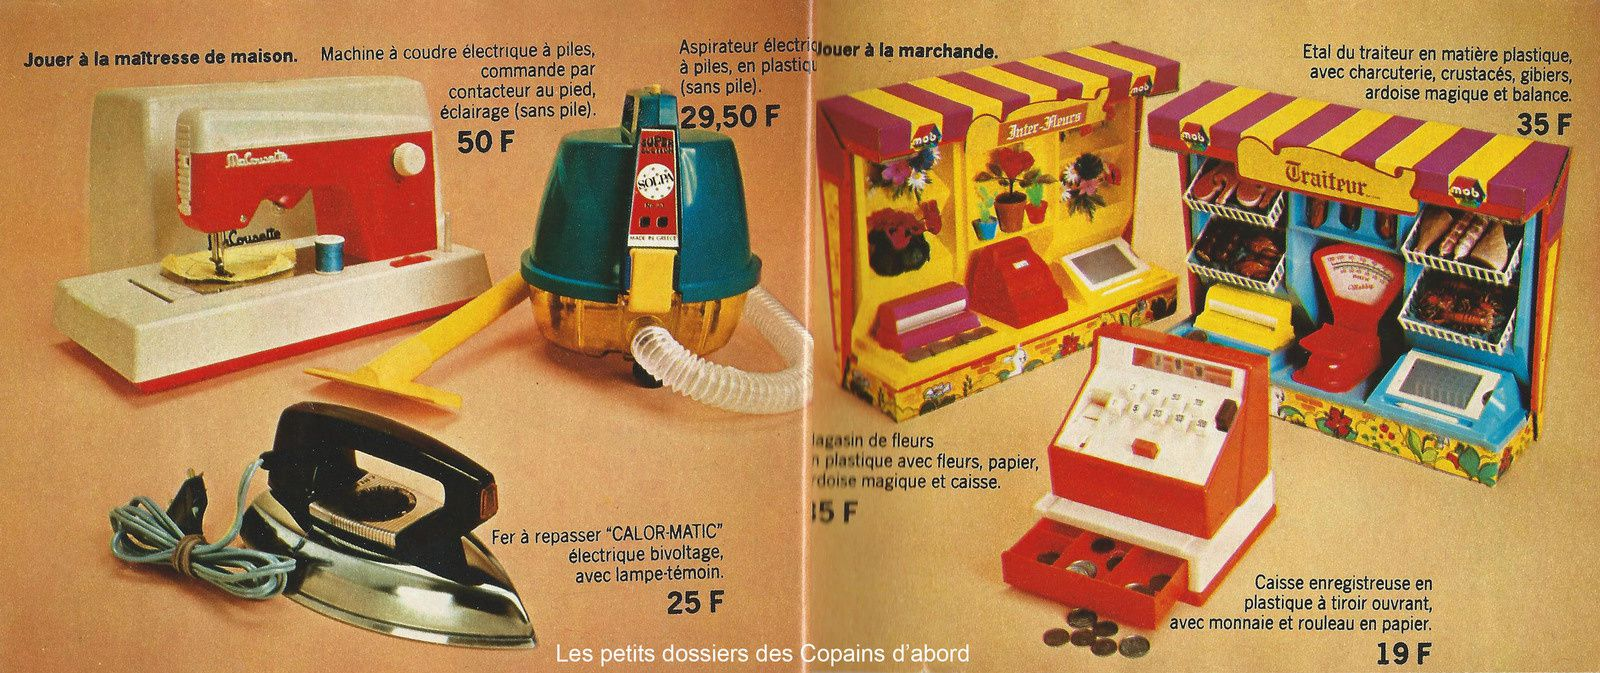 Le catalogue de jouets des Nouvelles Galeries de 1975 par Nath-Didile